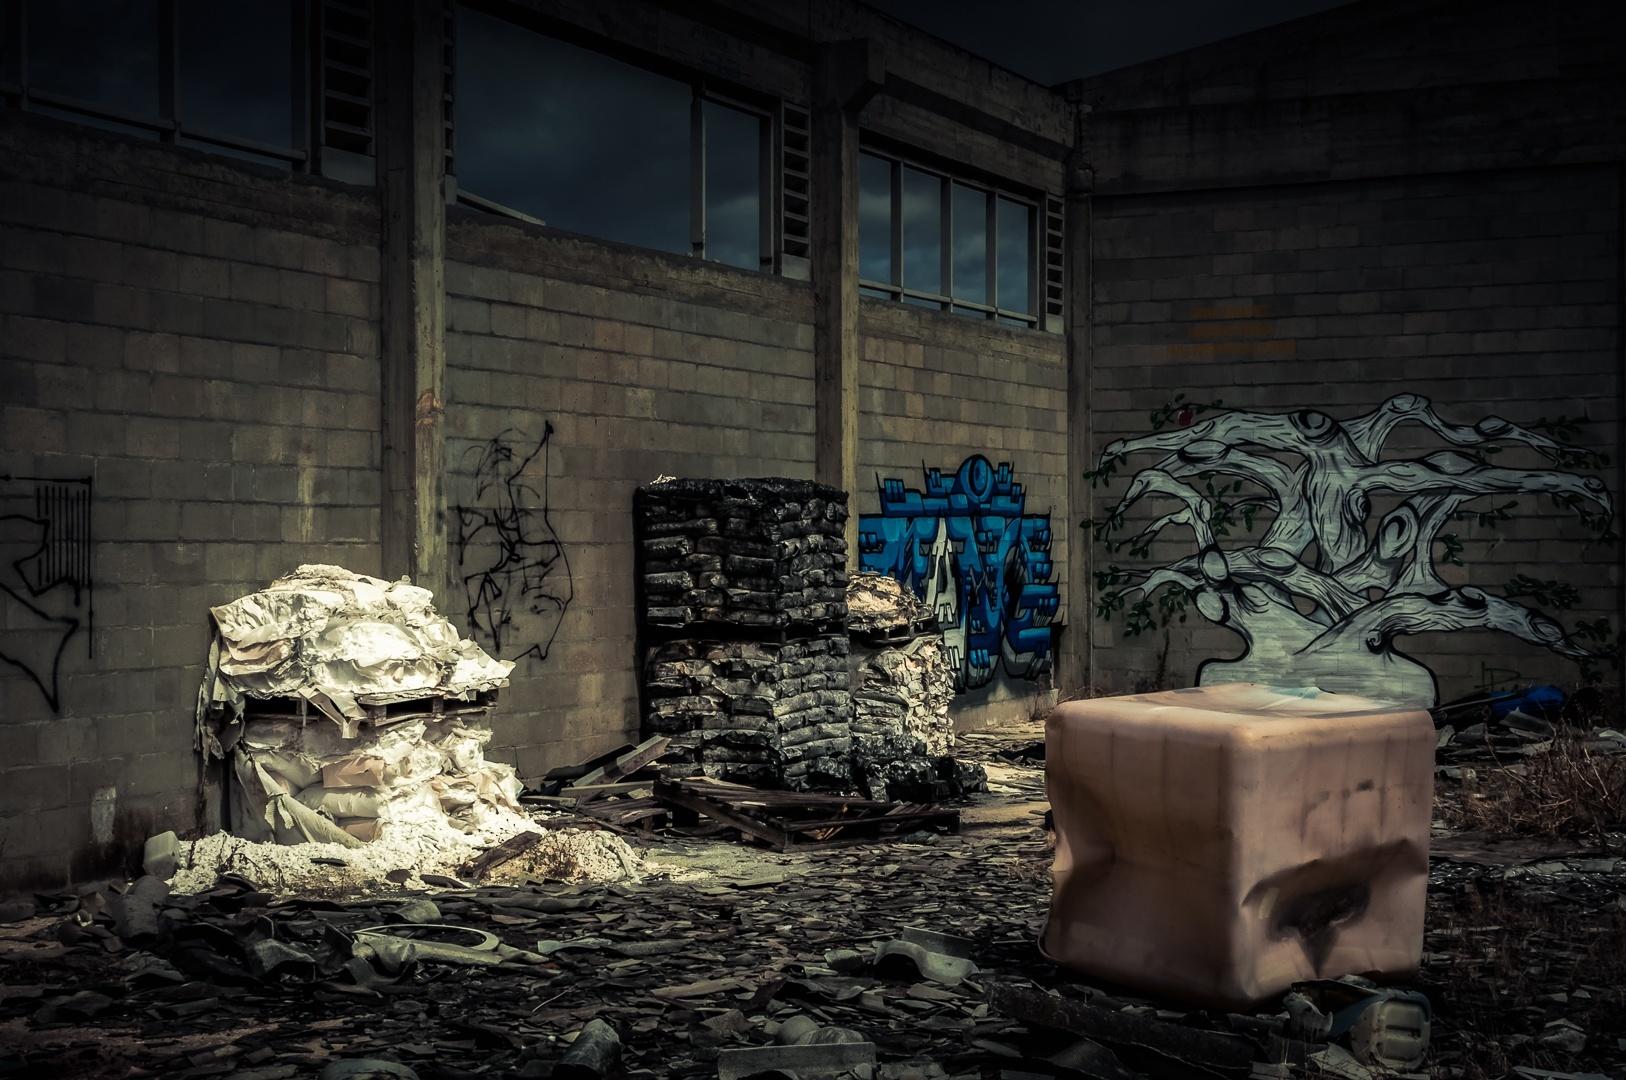 Fotojornalismo/ Resíduos tóxicos abandonados